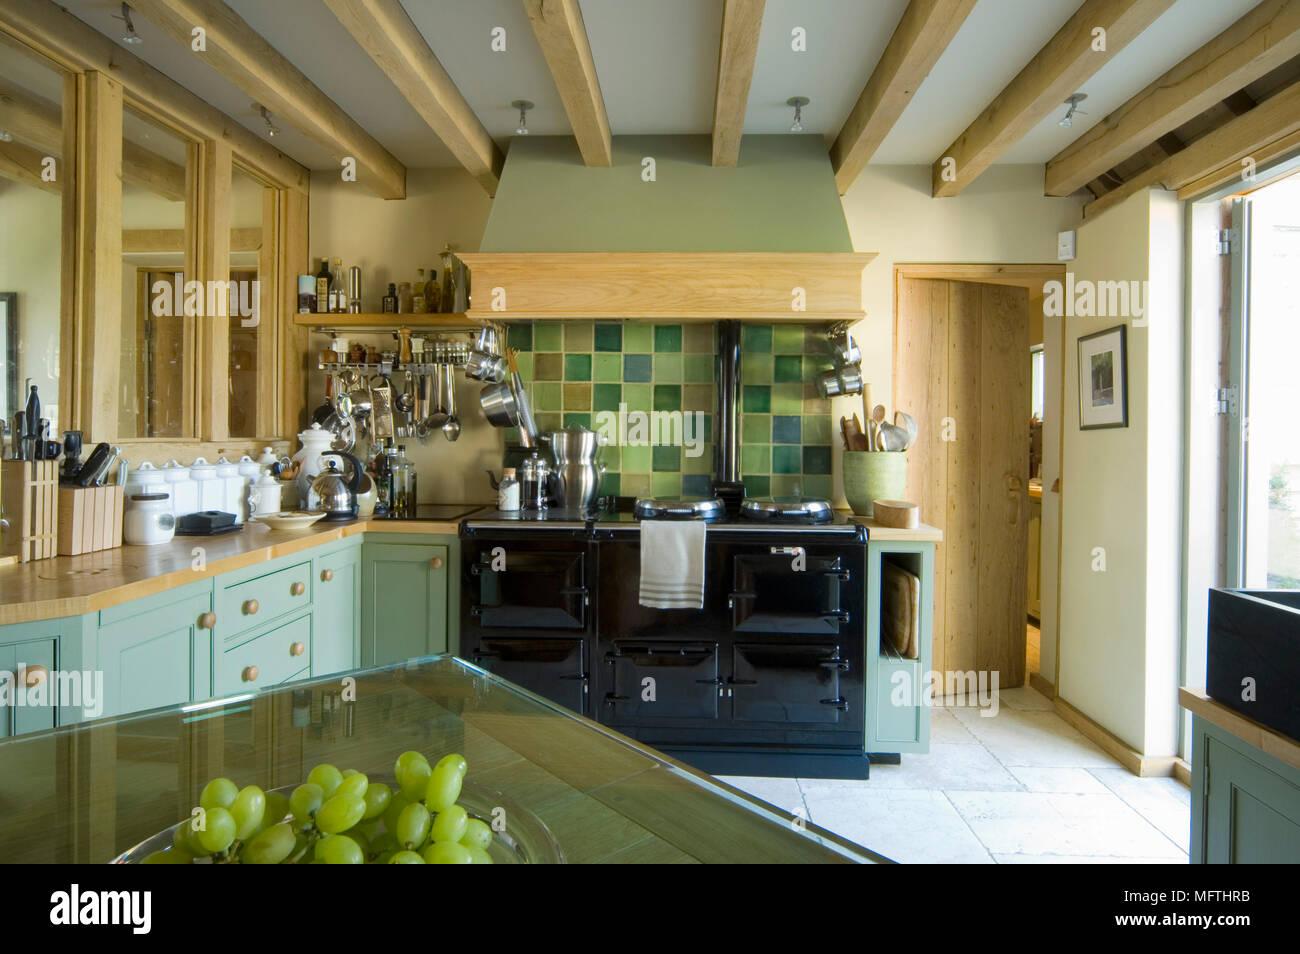 Cucina con fornelli accanto al verde parete piastrellata e travi